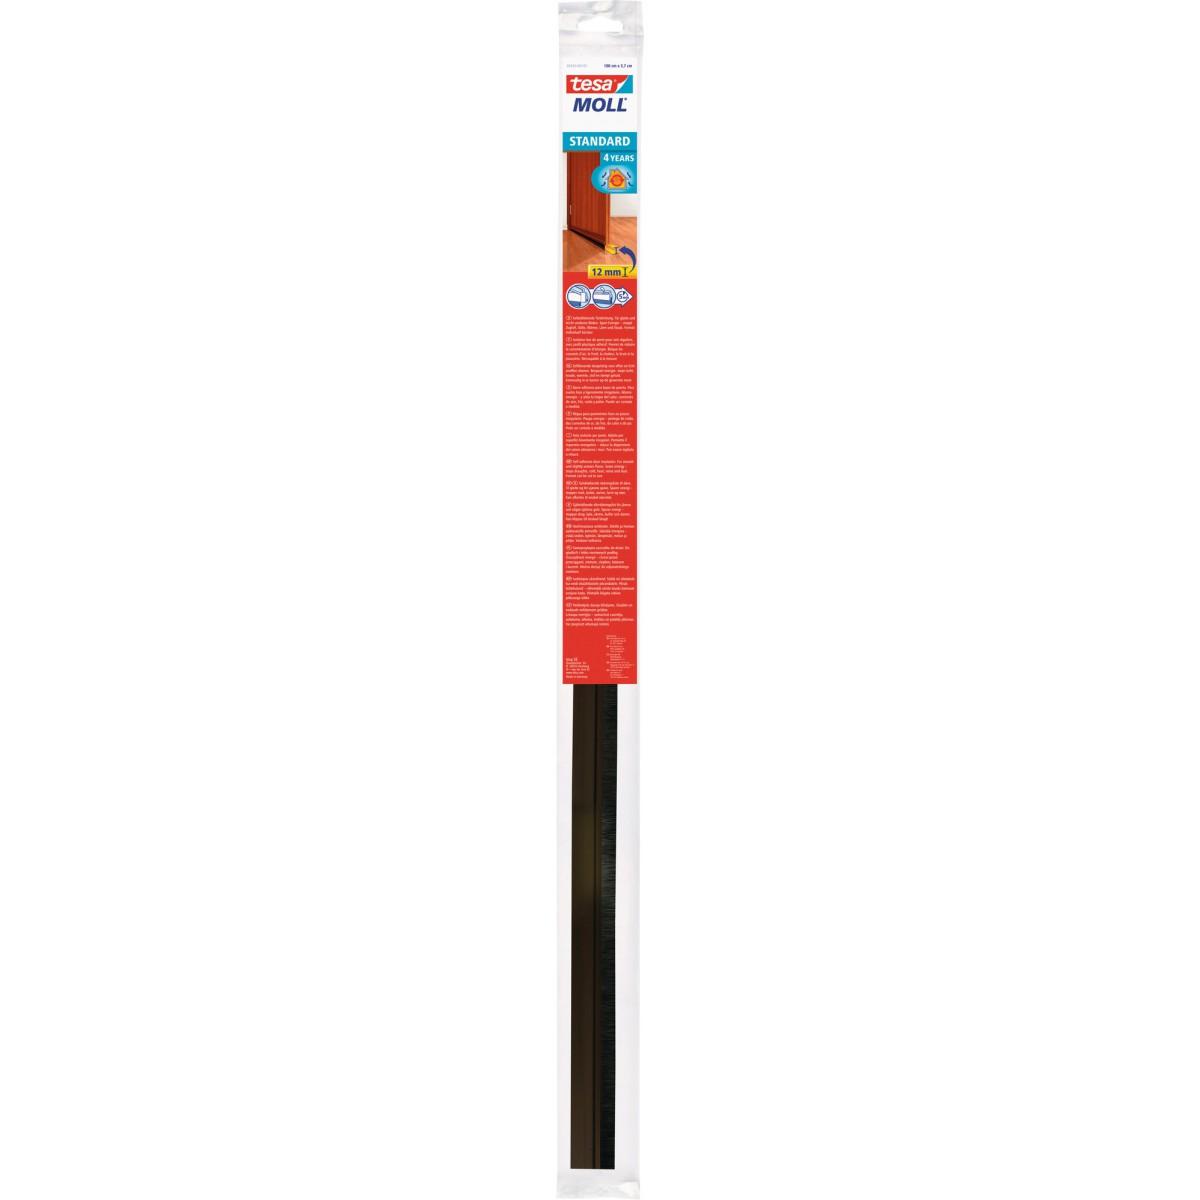 Bas de porte adhésif  spécial sols lisses Tesa - 1 m - Brun